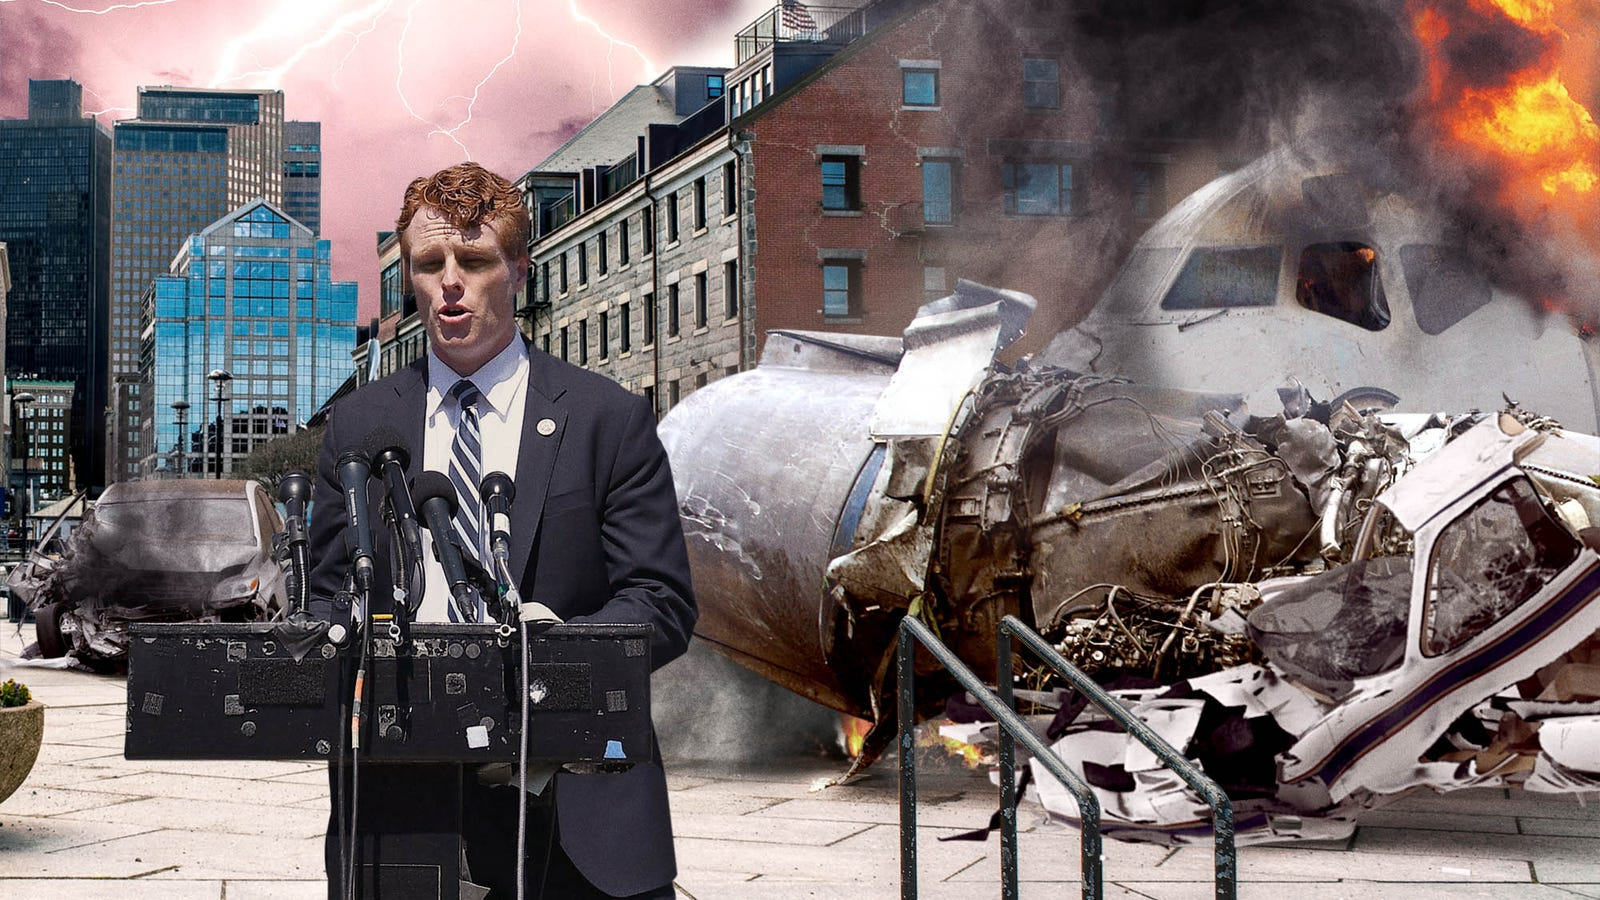 Ο Τζο Κένεντι, Αποφεύγει Να Ρίχνουν Αεροπλάνα, Να Βγει Εκτός Δρόμου Αυτοκίνητα Μετά Την Αναγγελία Της Εκστρατεία Για Τη Γερουσία